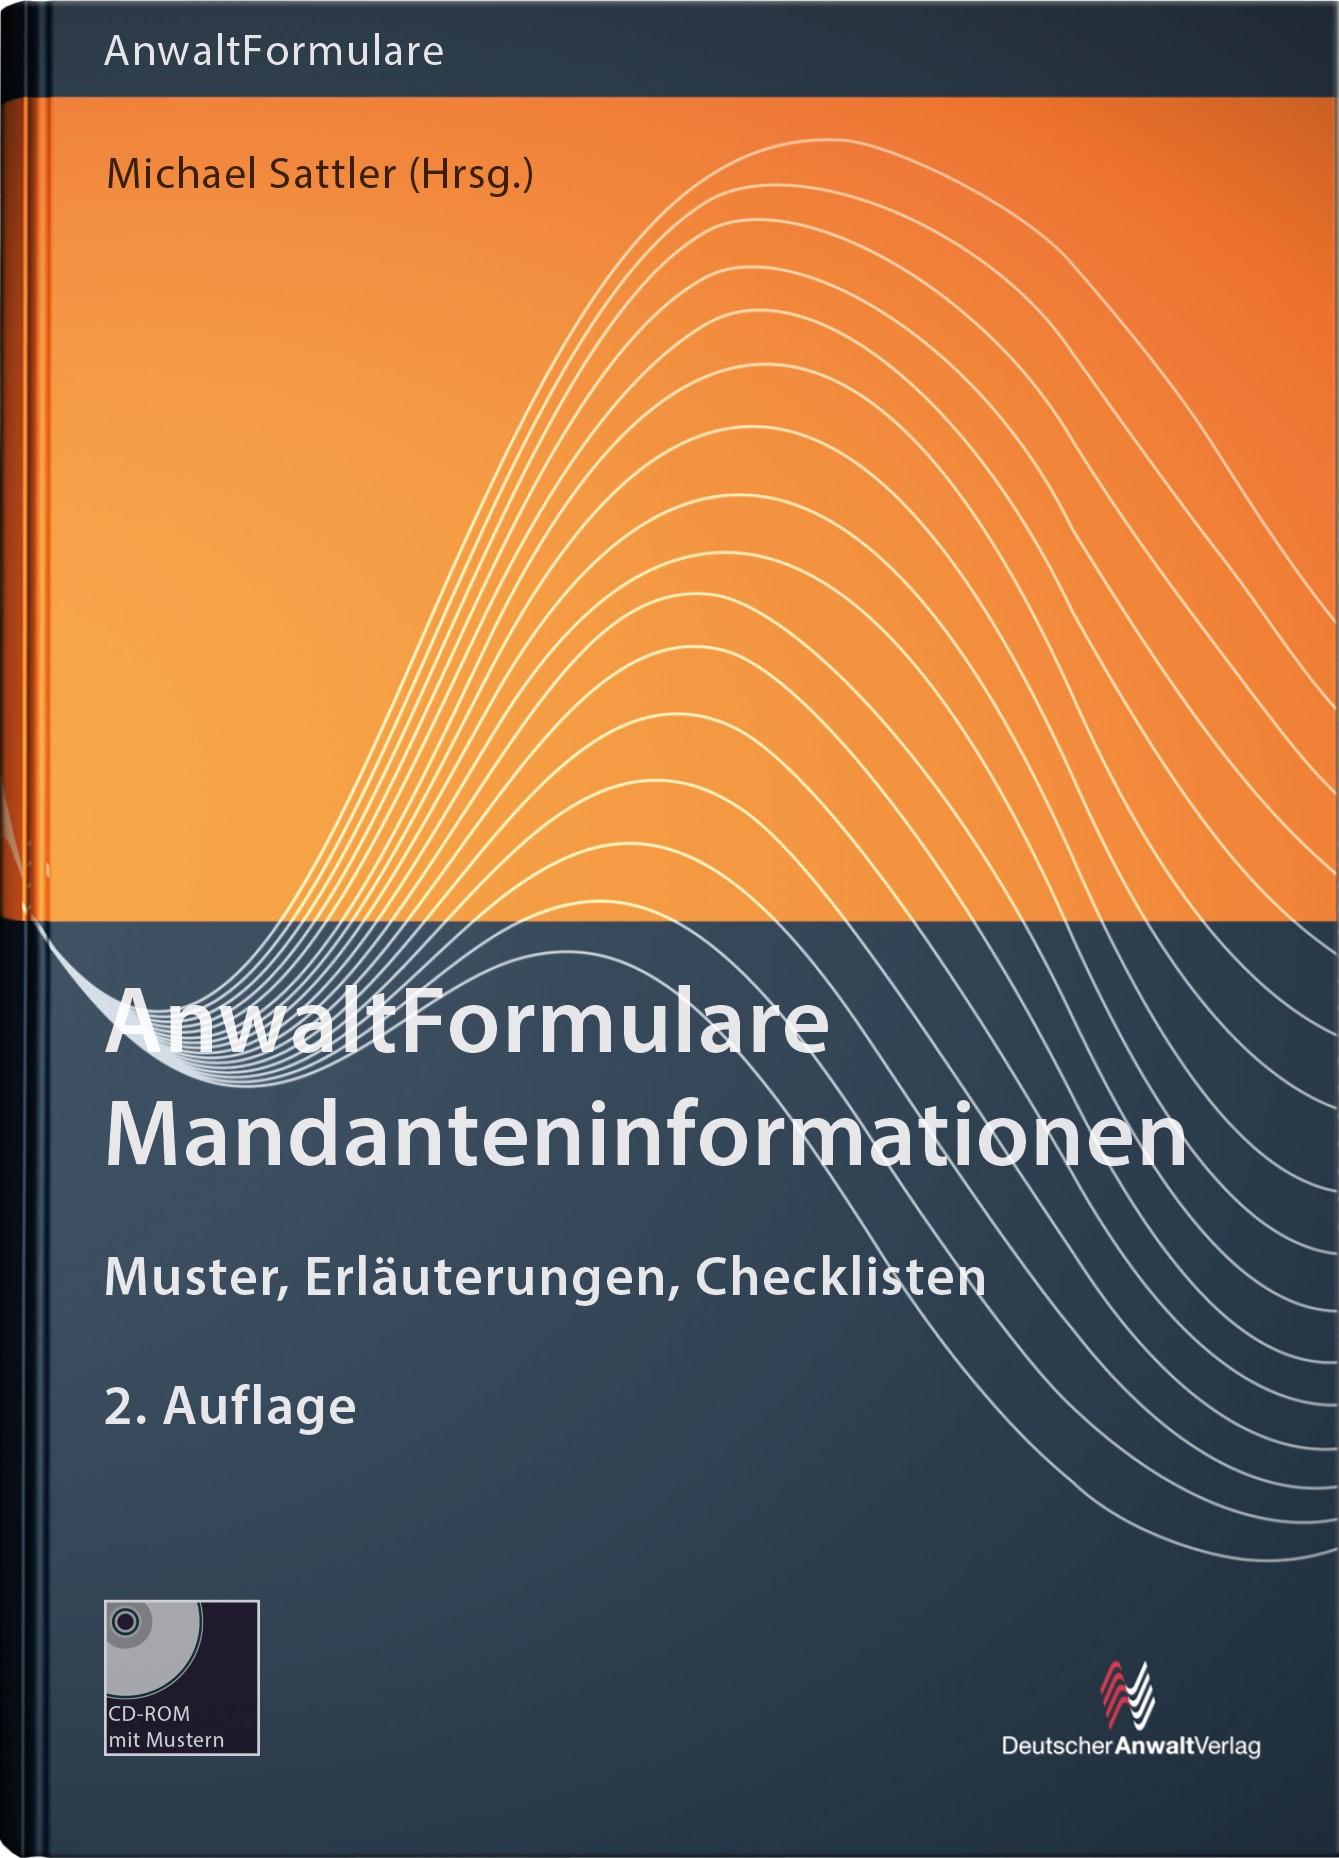 AnwaltFormulare Mandanteninformationen | Sattler (Hrsg.) | 2. Auflage, 2017 | Buch (Cover)